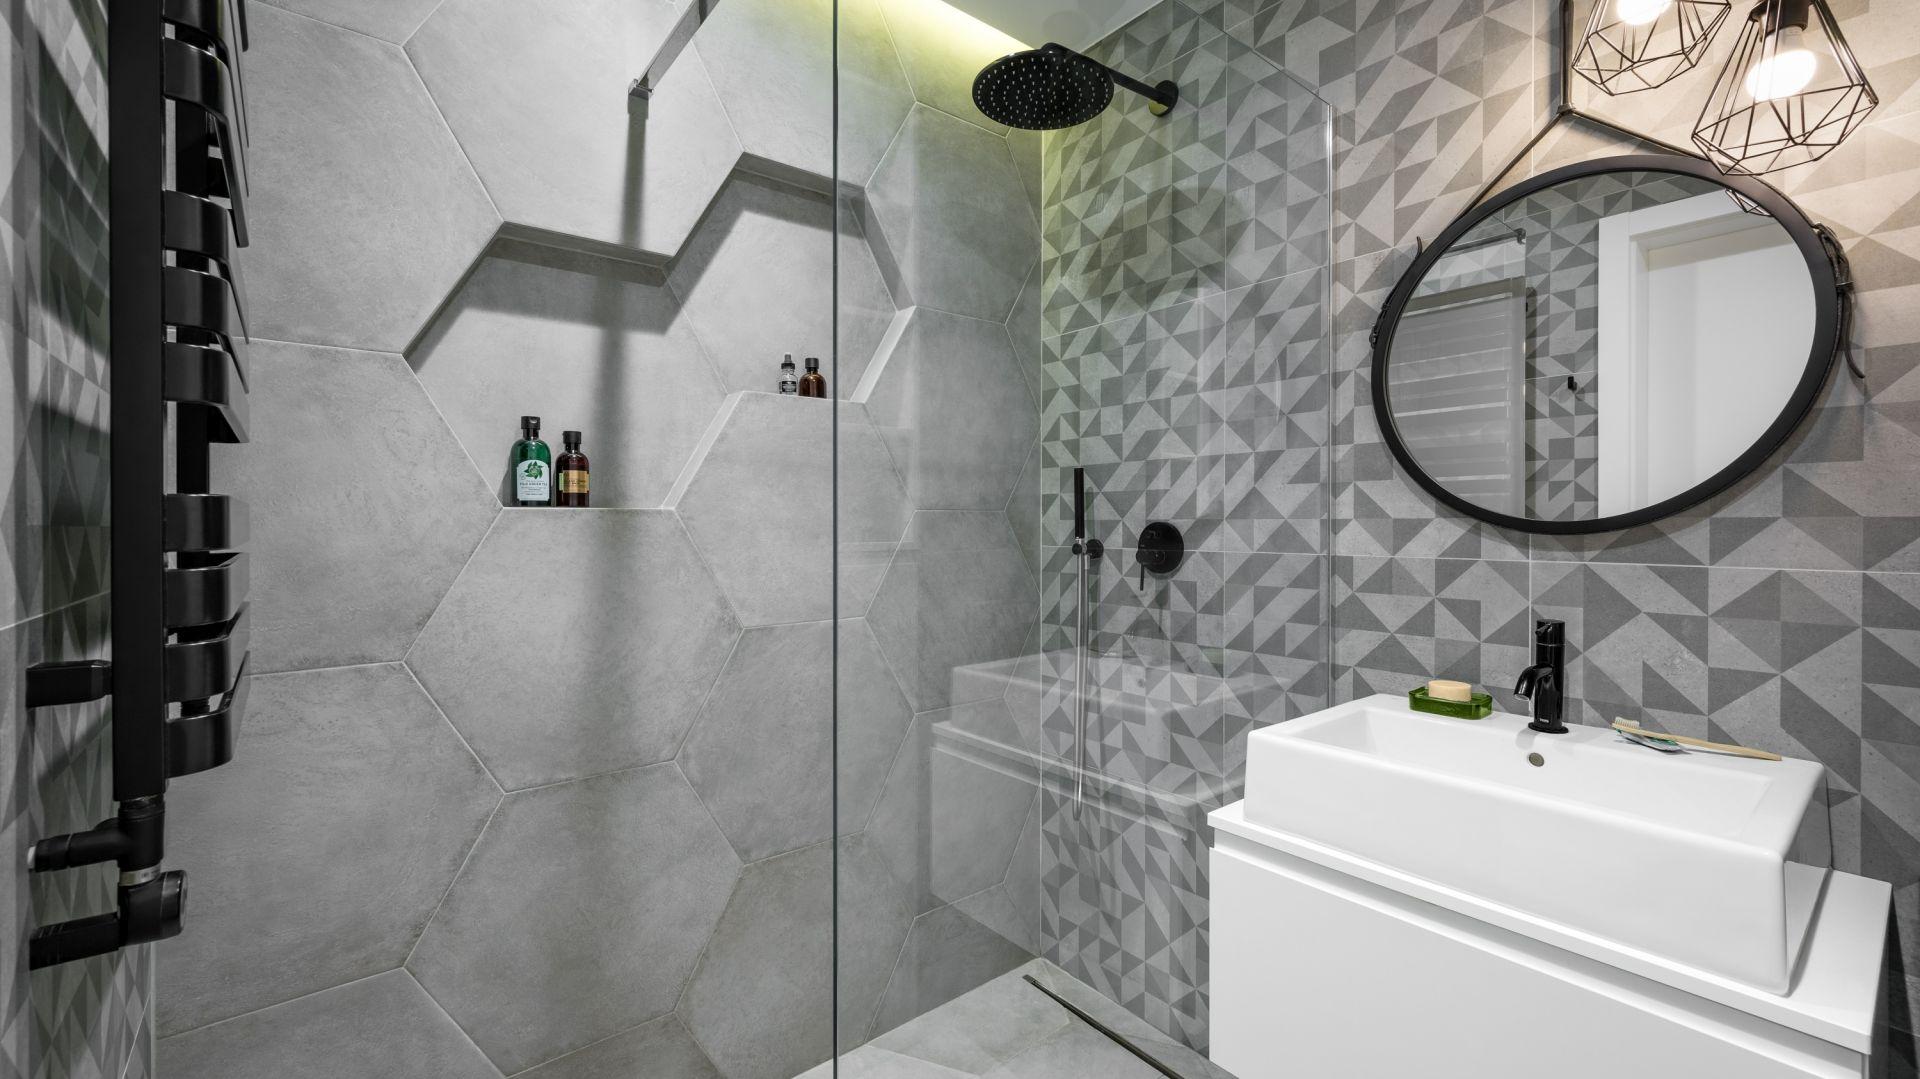 Niewielka szara łazienka, z prysznicem bez brodzika i geometrycznymi płytkami. Projekt Zuzanna Kuc, ZU projektuje. Zdjęcia Łukasz Zandecki